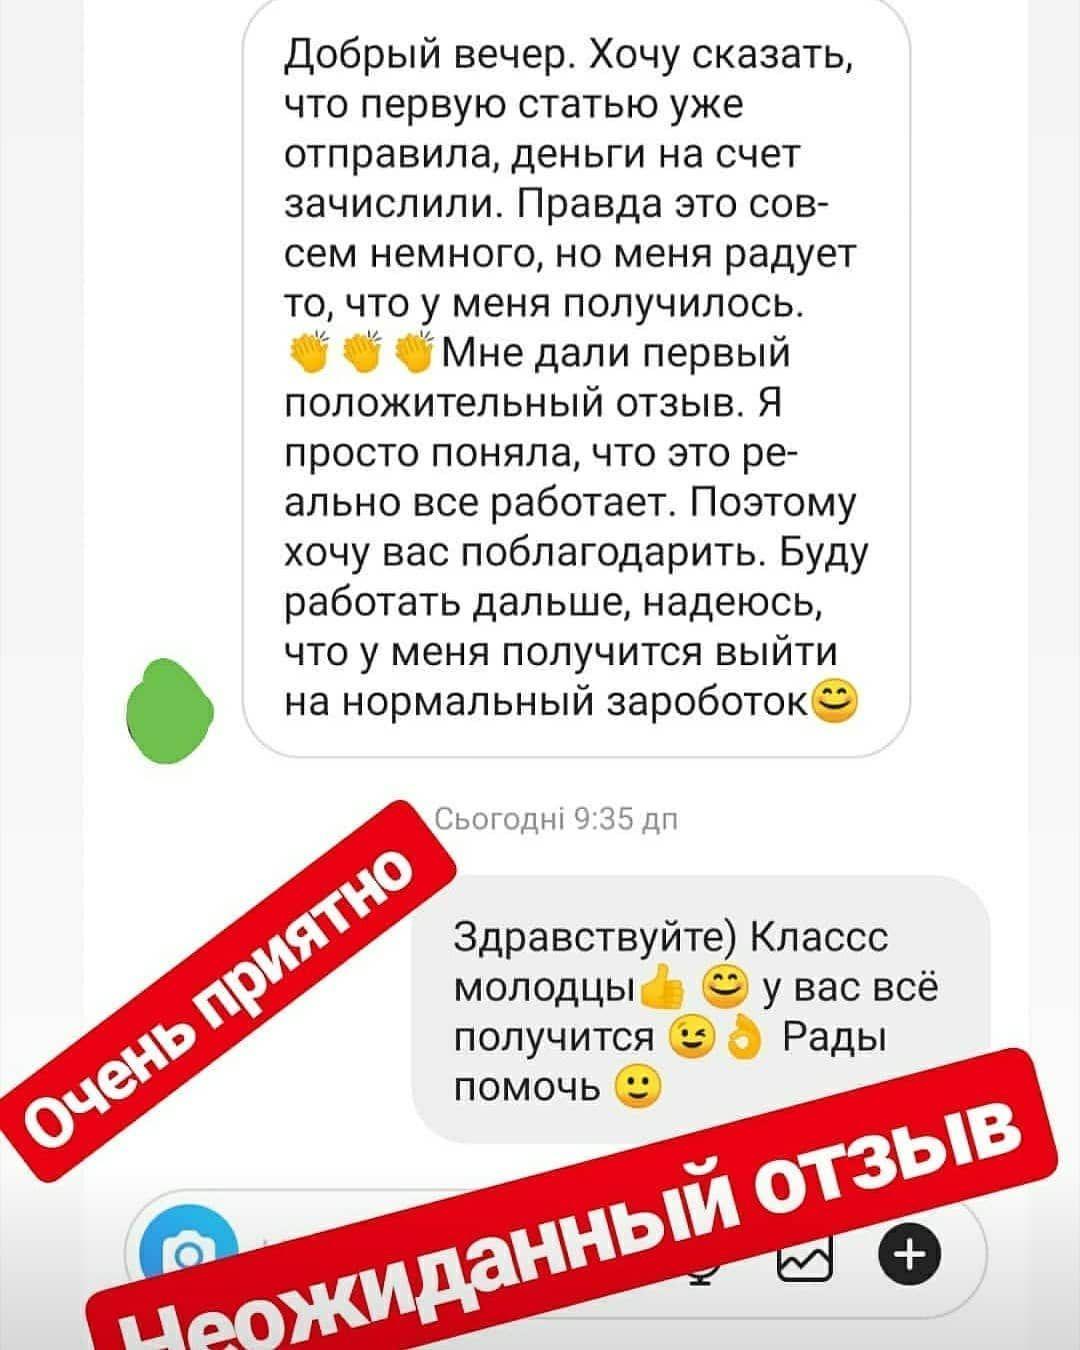 5 Otmetok Nravitsya 0 Kommentariev Rabota S Online